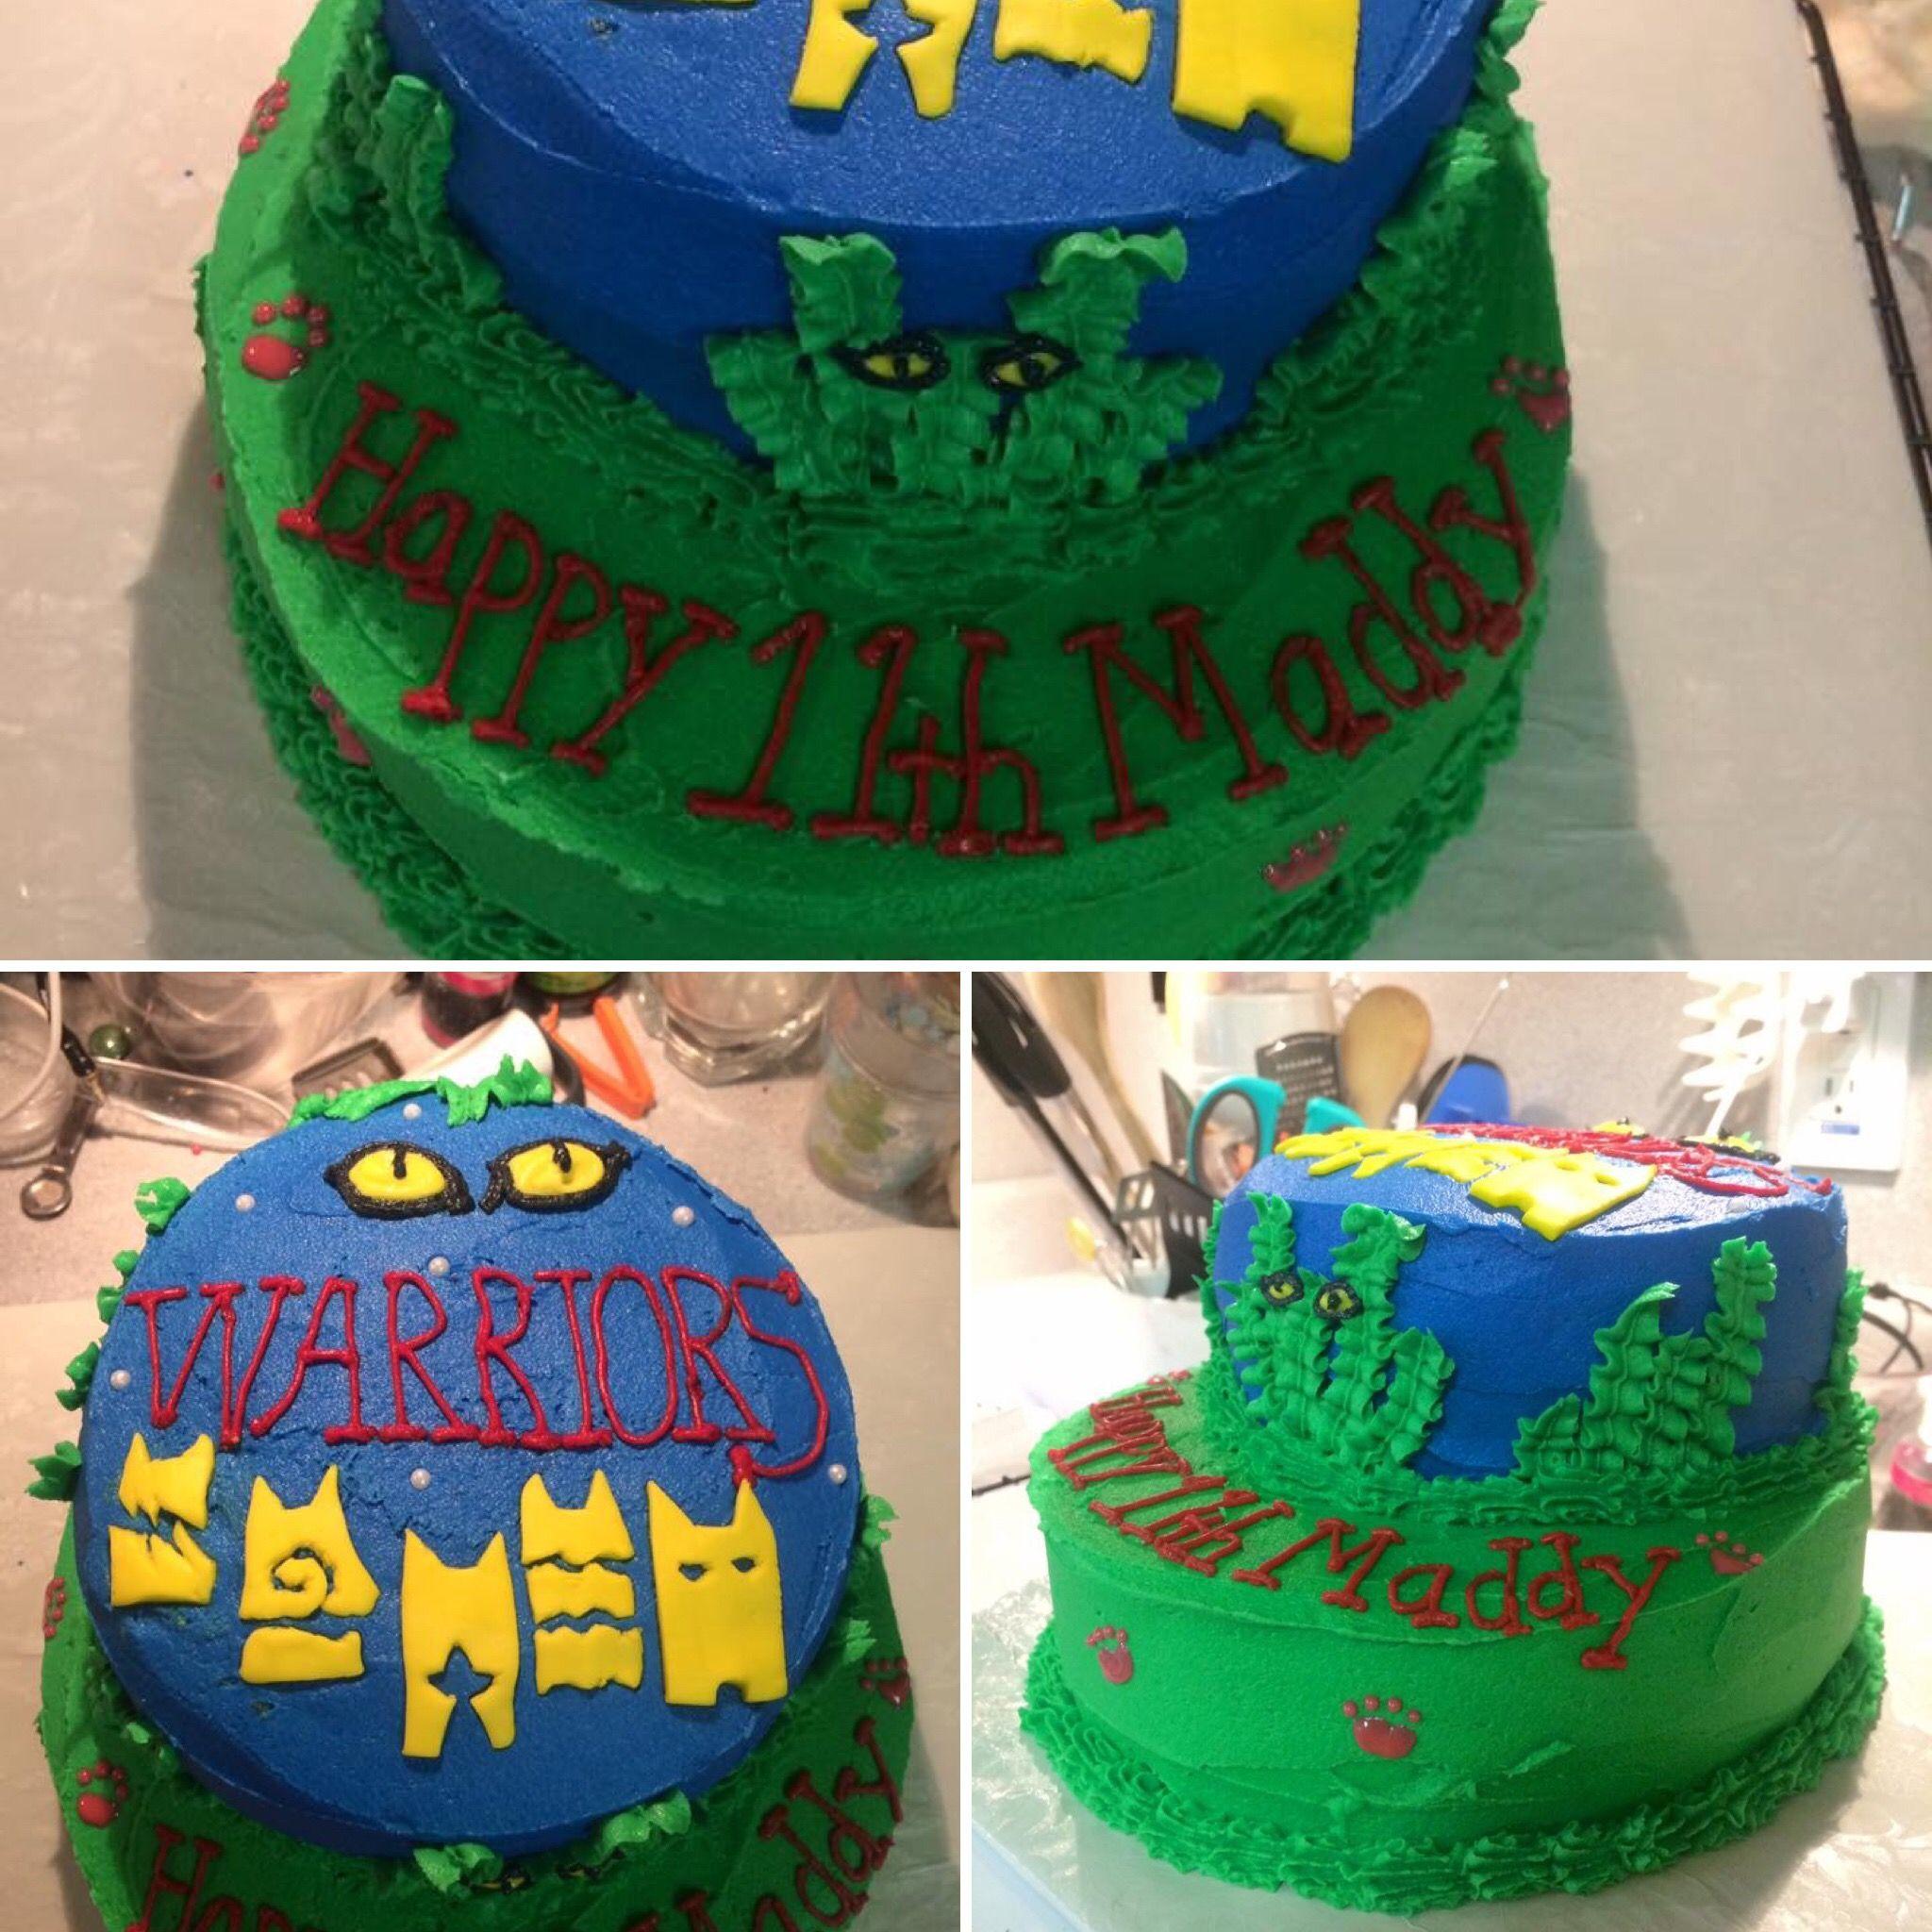 Warrior Cats Birthday Cake Chocolate Cake With Vanilla Buttercream